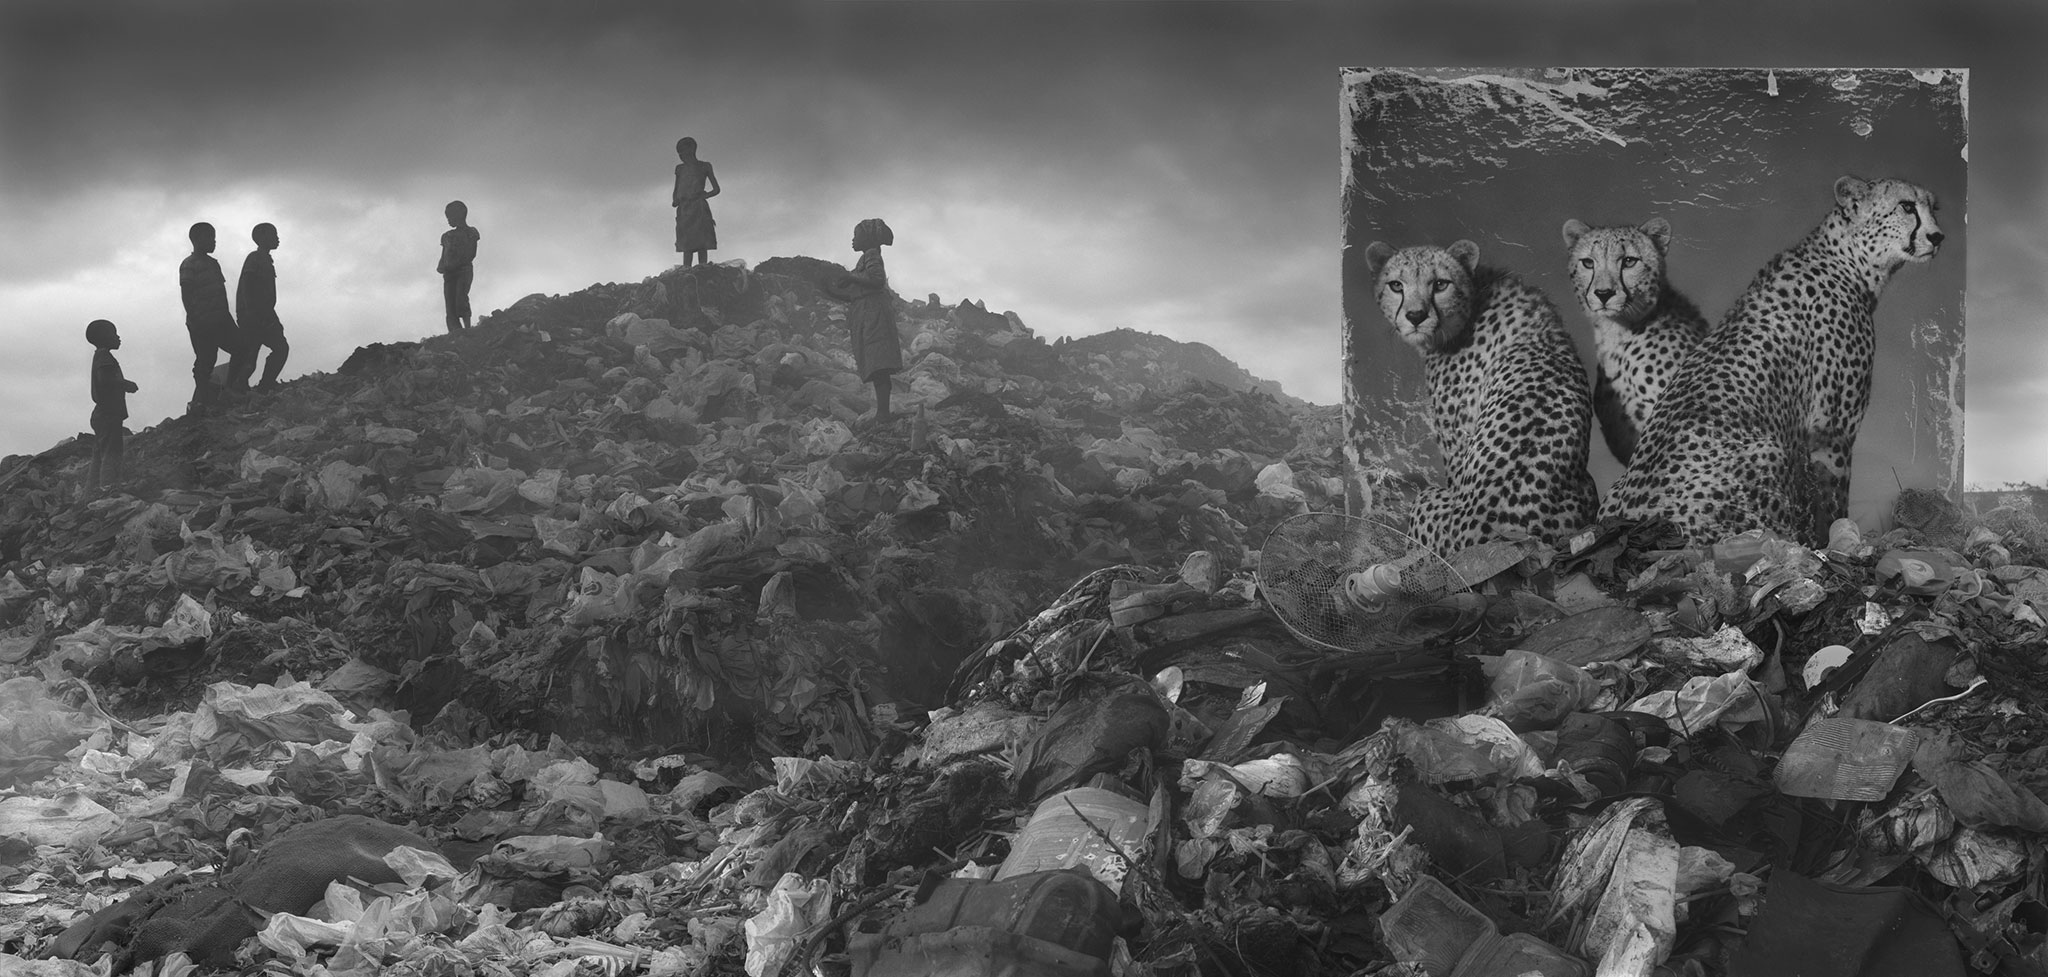 wasteland-with-cheetahs-children-3800px.jpg